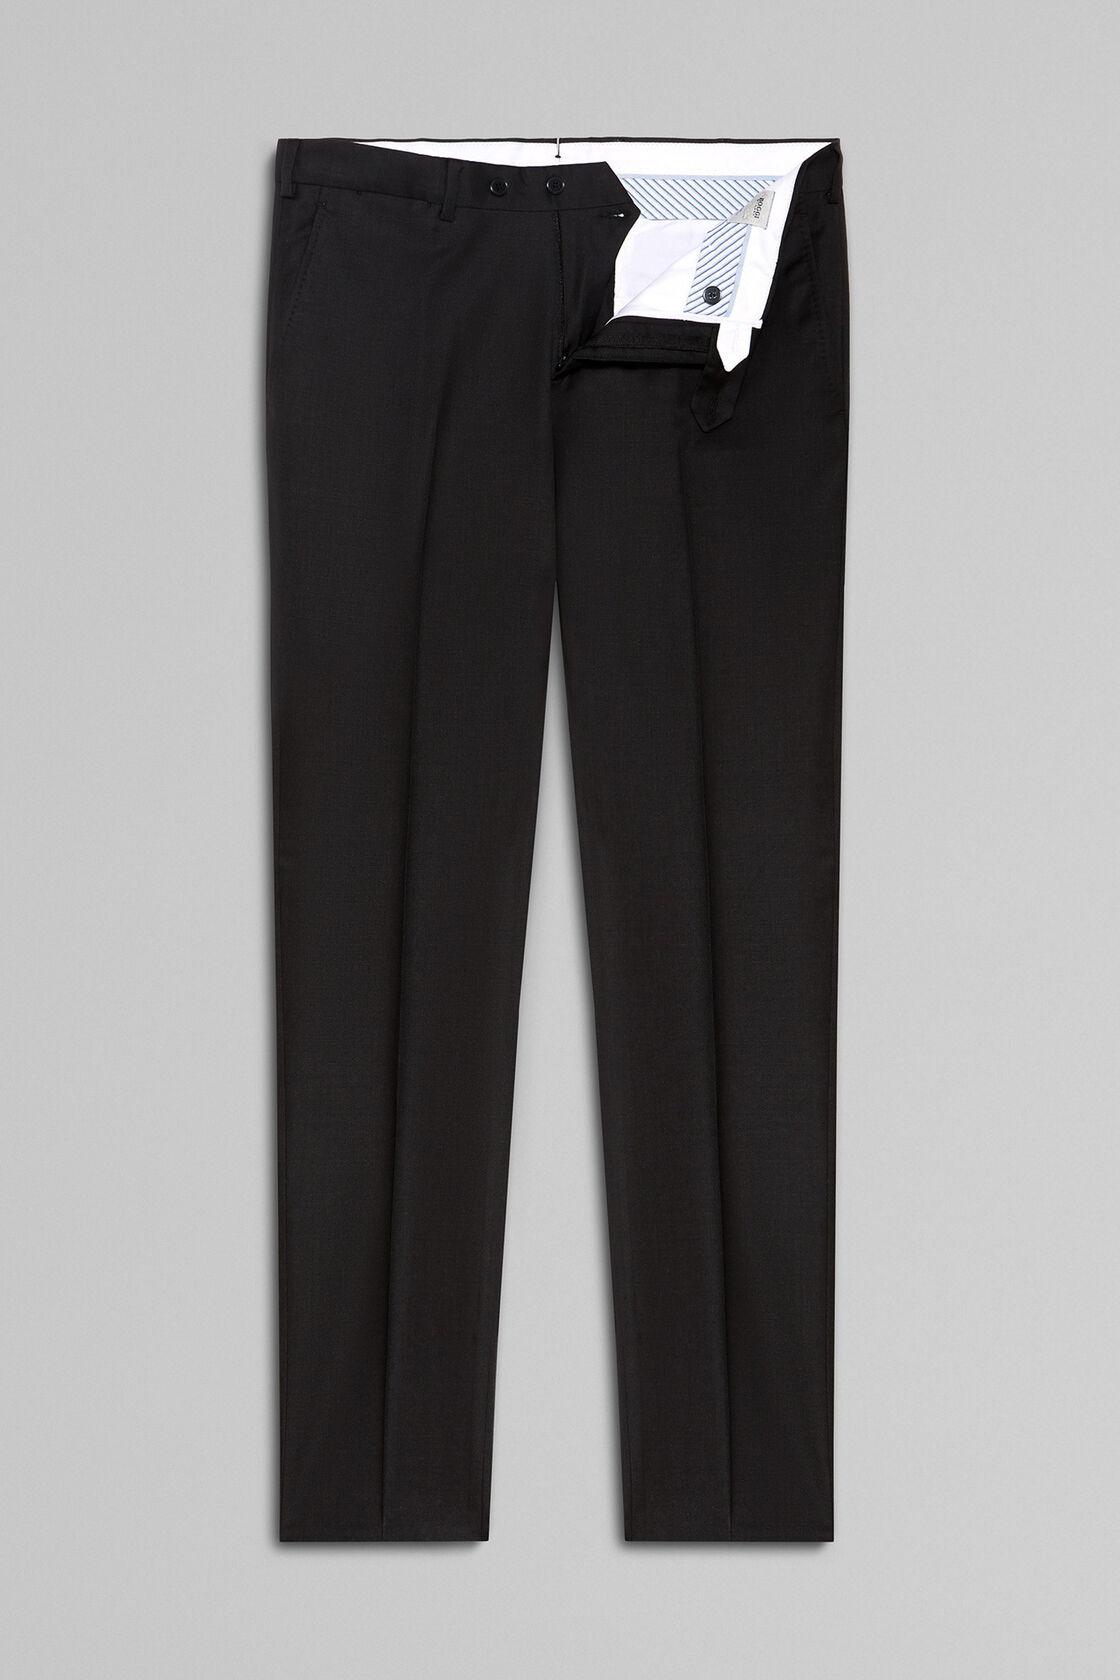 Pantaloni In Lana Super 130 Regular Fit, Antracite, hi-res